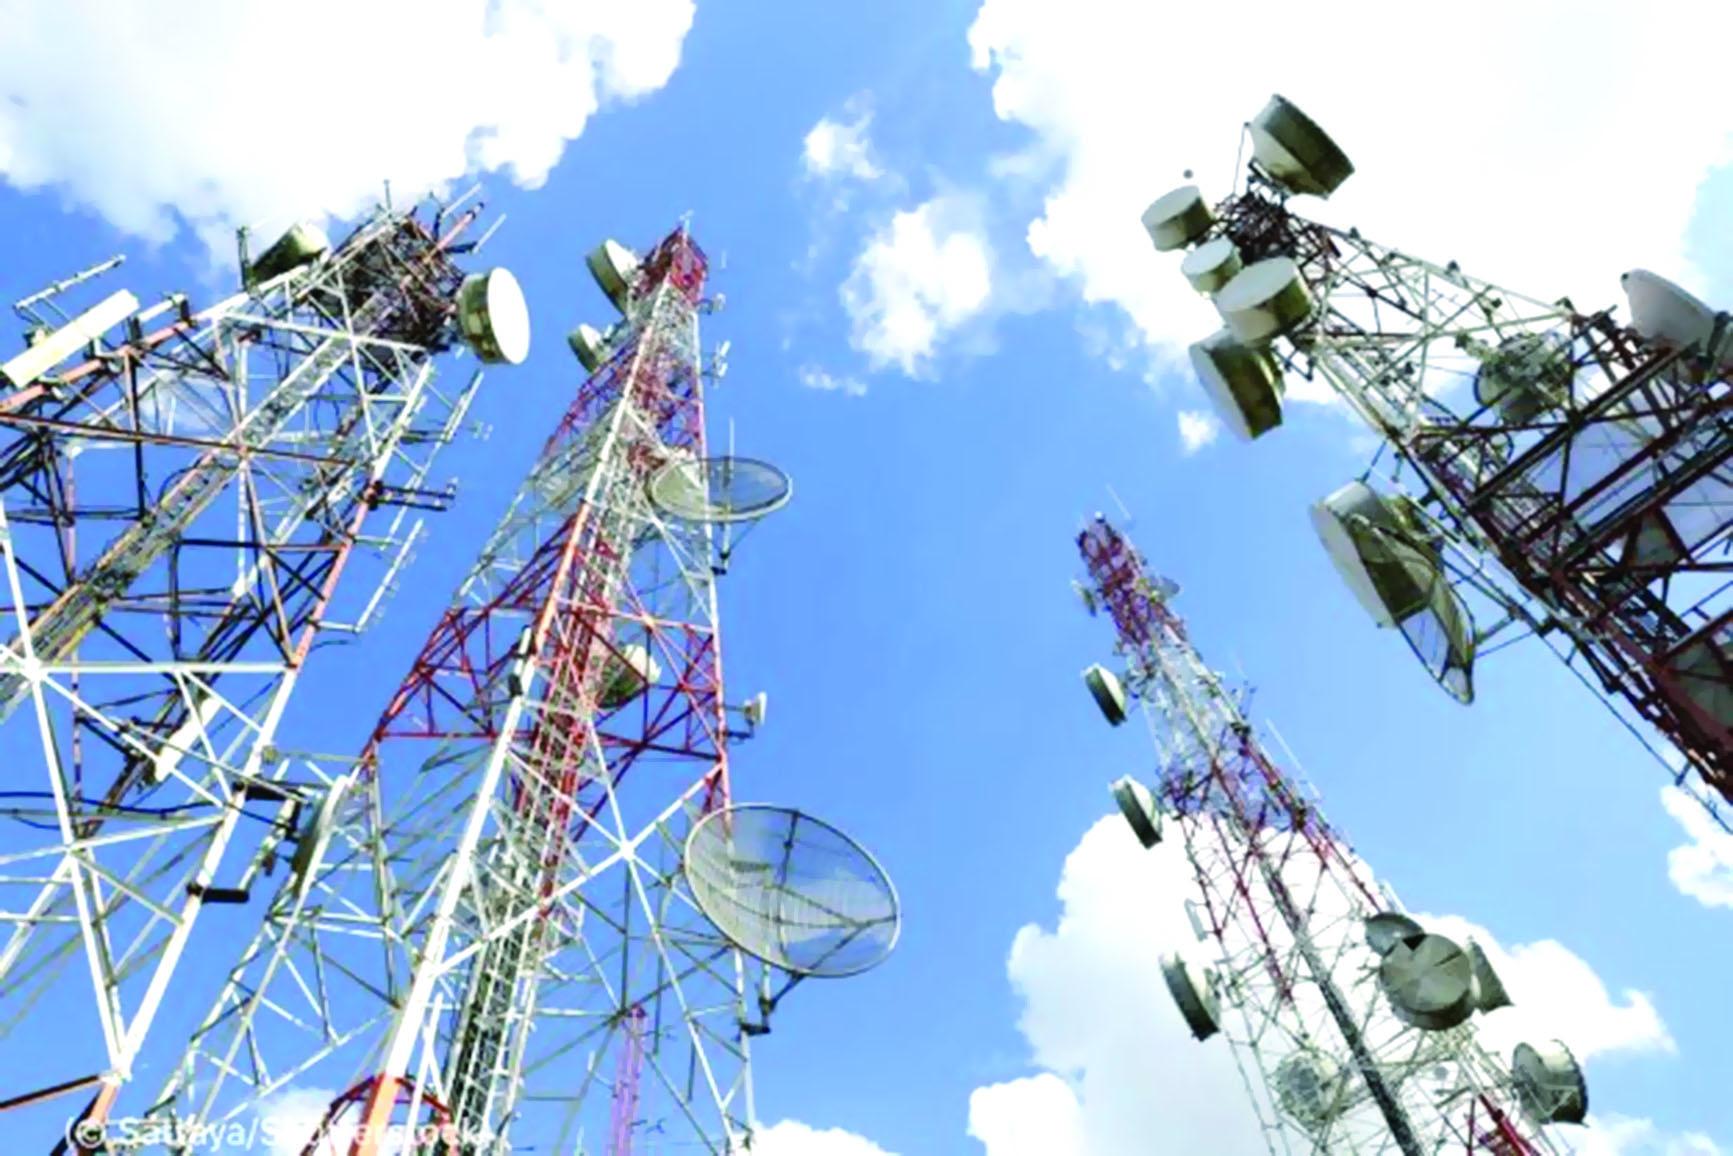 تقنية الجيل الخامس للاتصالات 5G من الذي يمكن الوثوق به؟